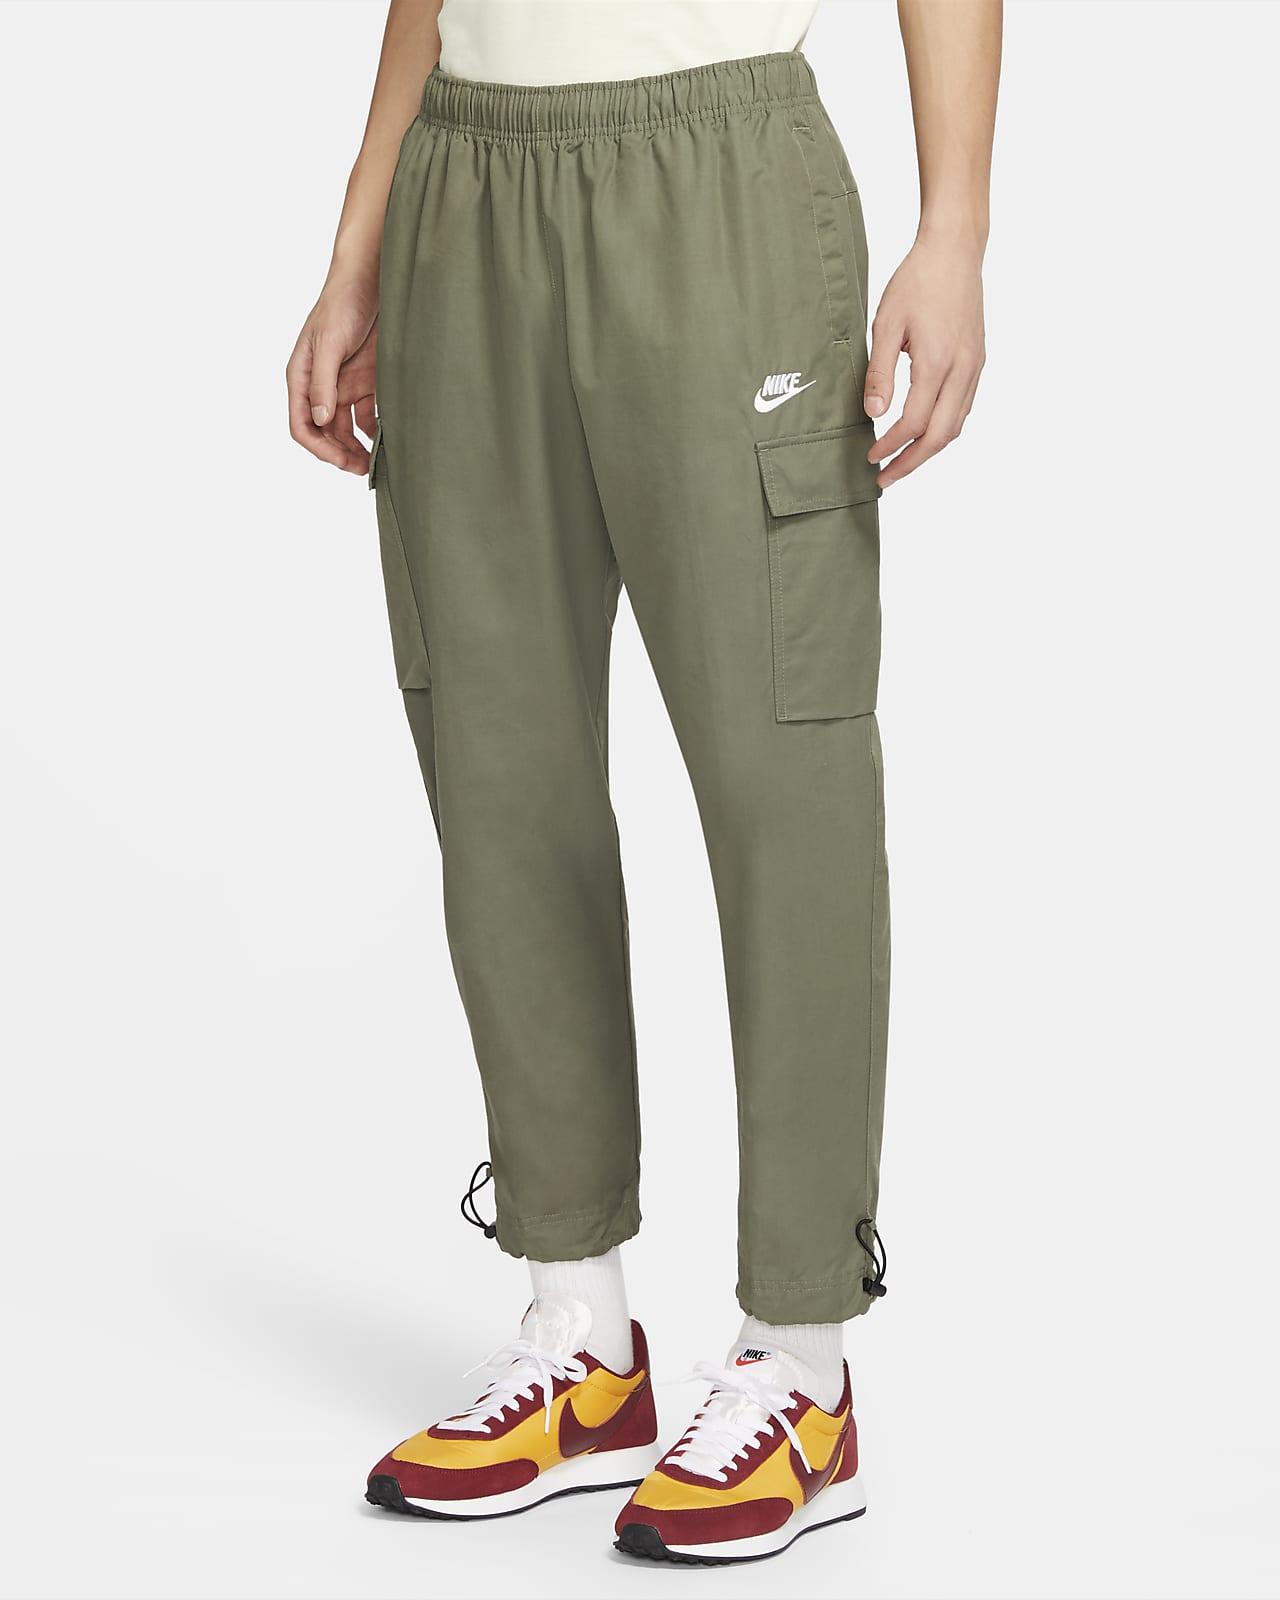 กางเกงผู้ชายแบบทอ Nike Sportswear